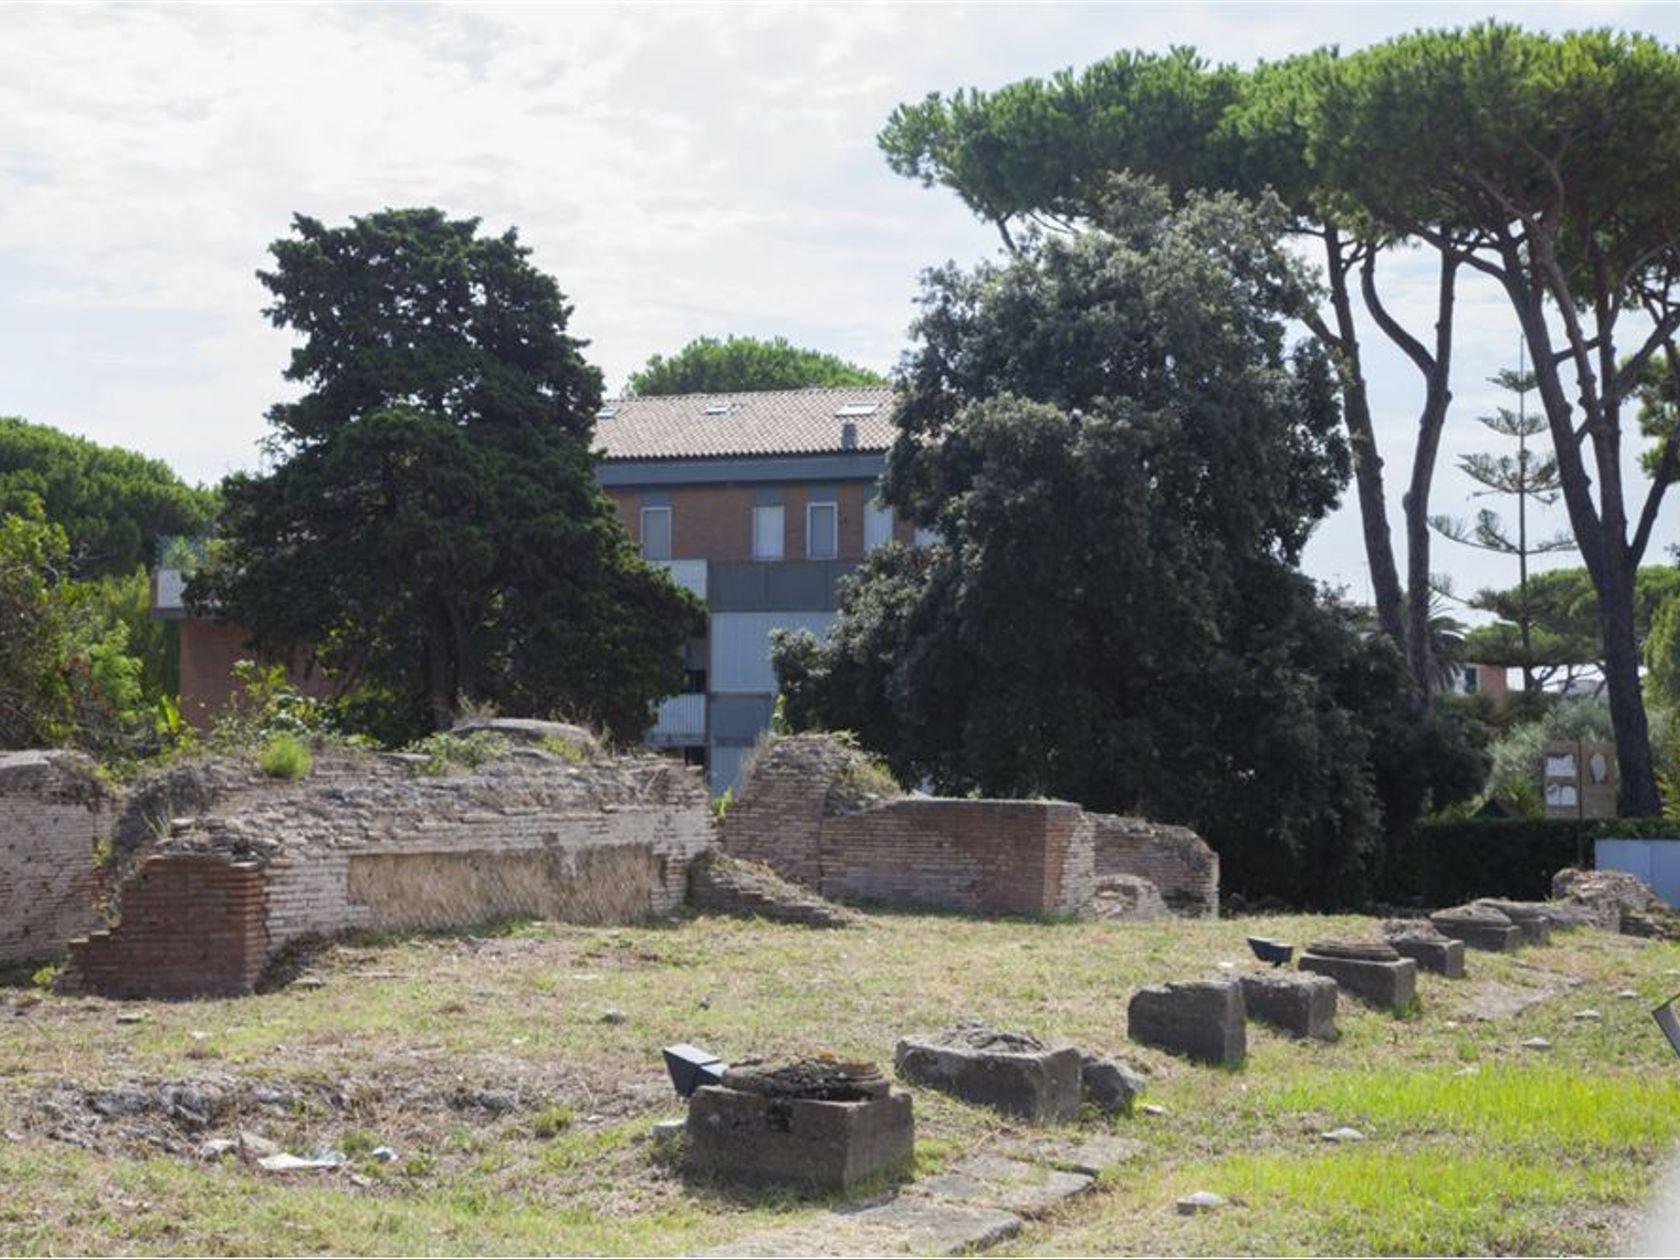 Attico/Mansarda Anzio-santa Teresa, Anzio, RM Vendita - Foto 38